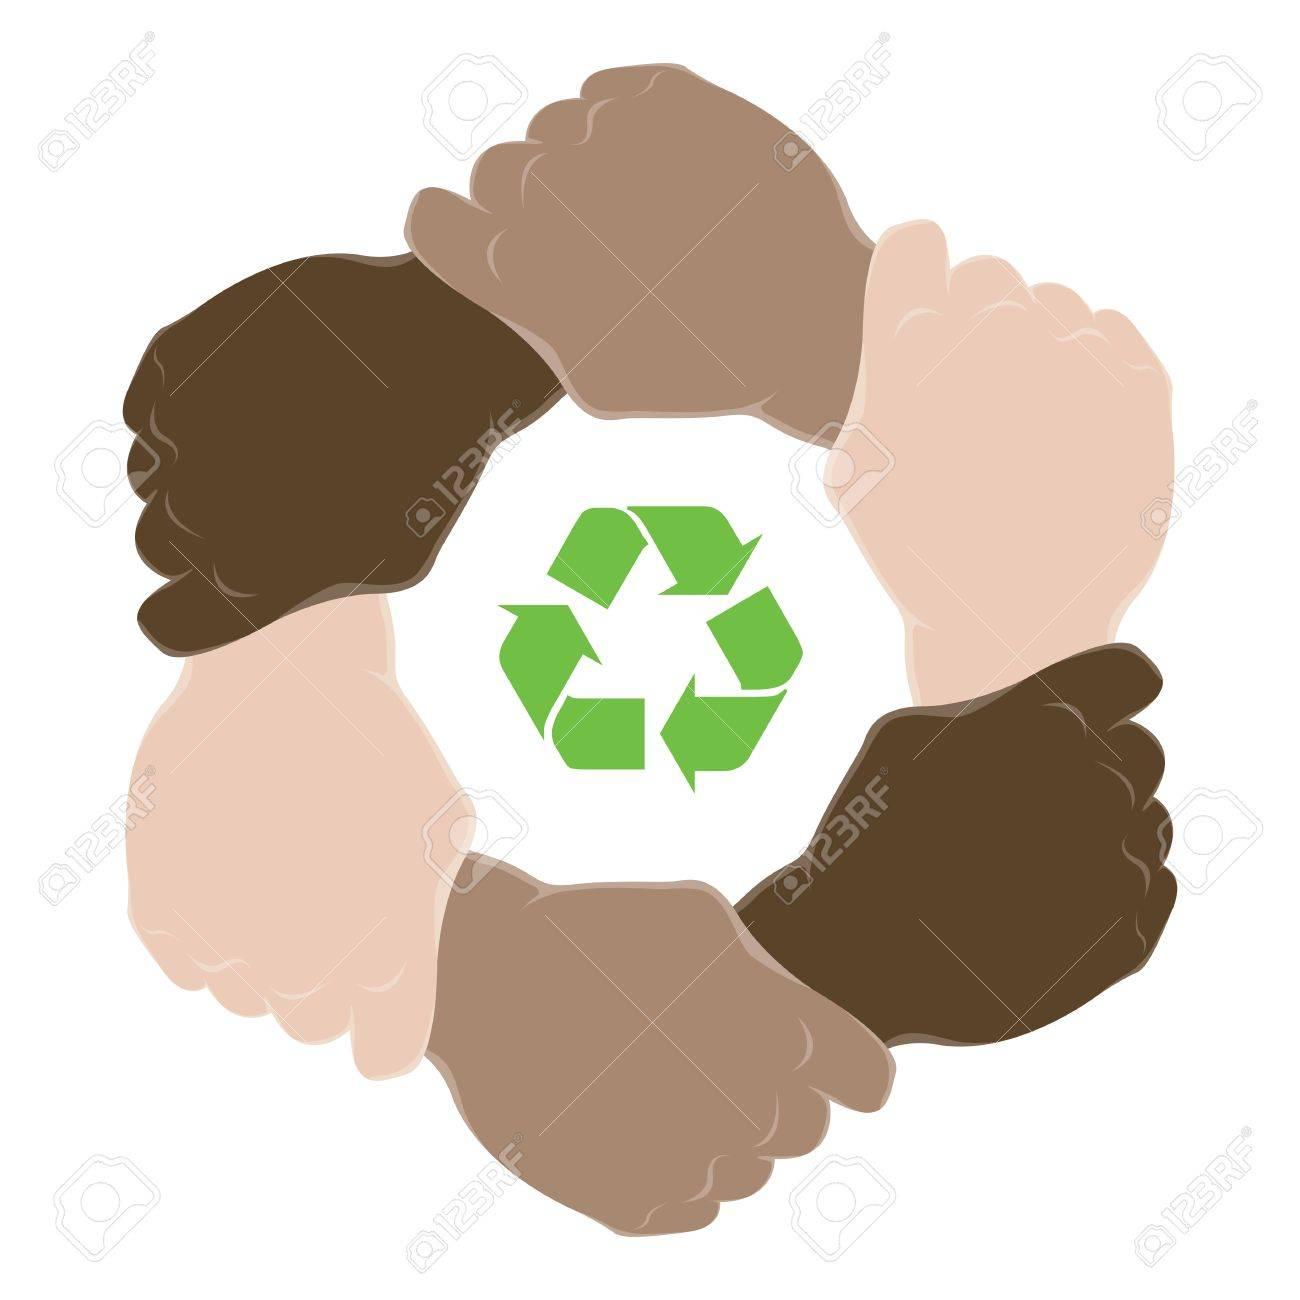 Symbol recycle in hands teamwork Stock Vector - 9621745